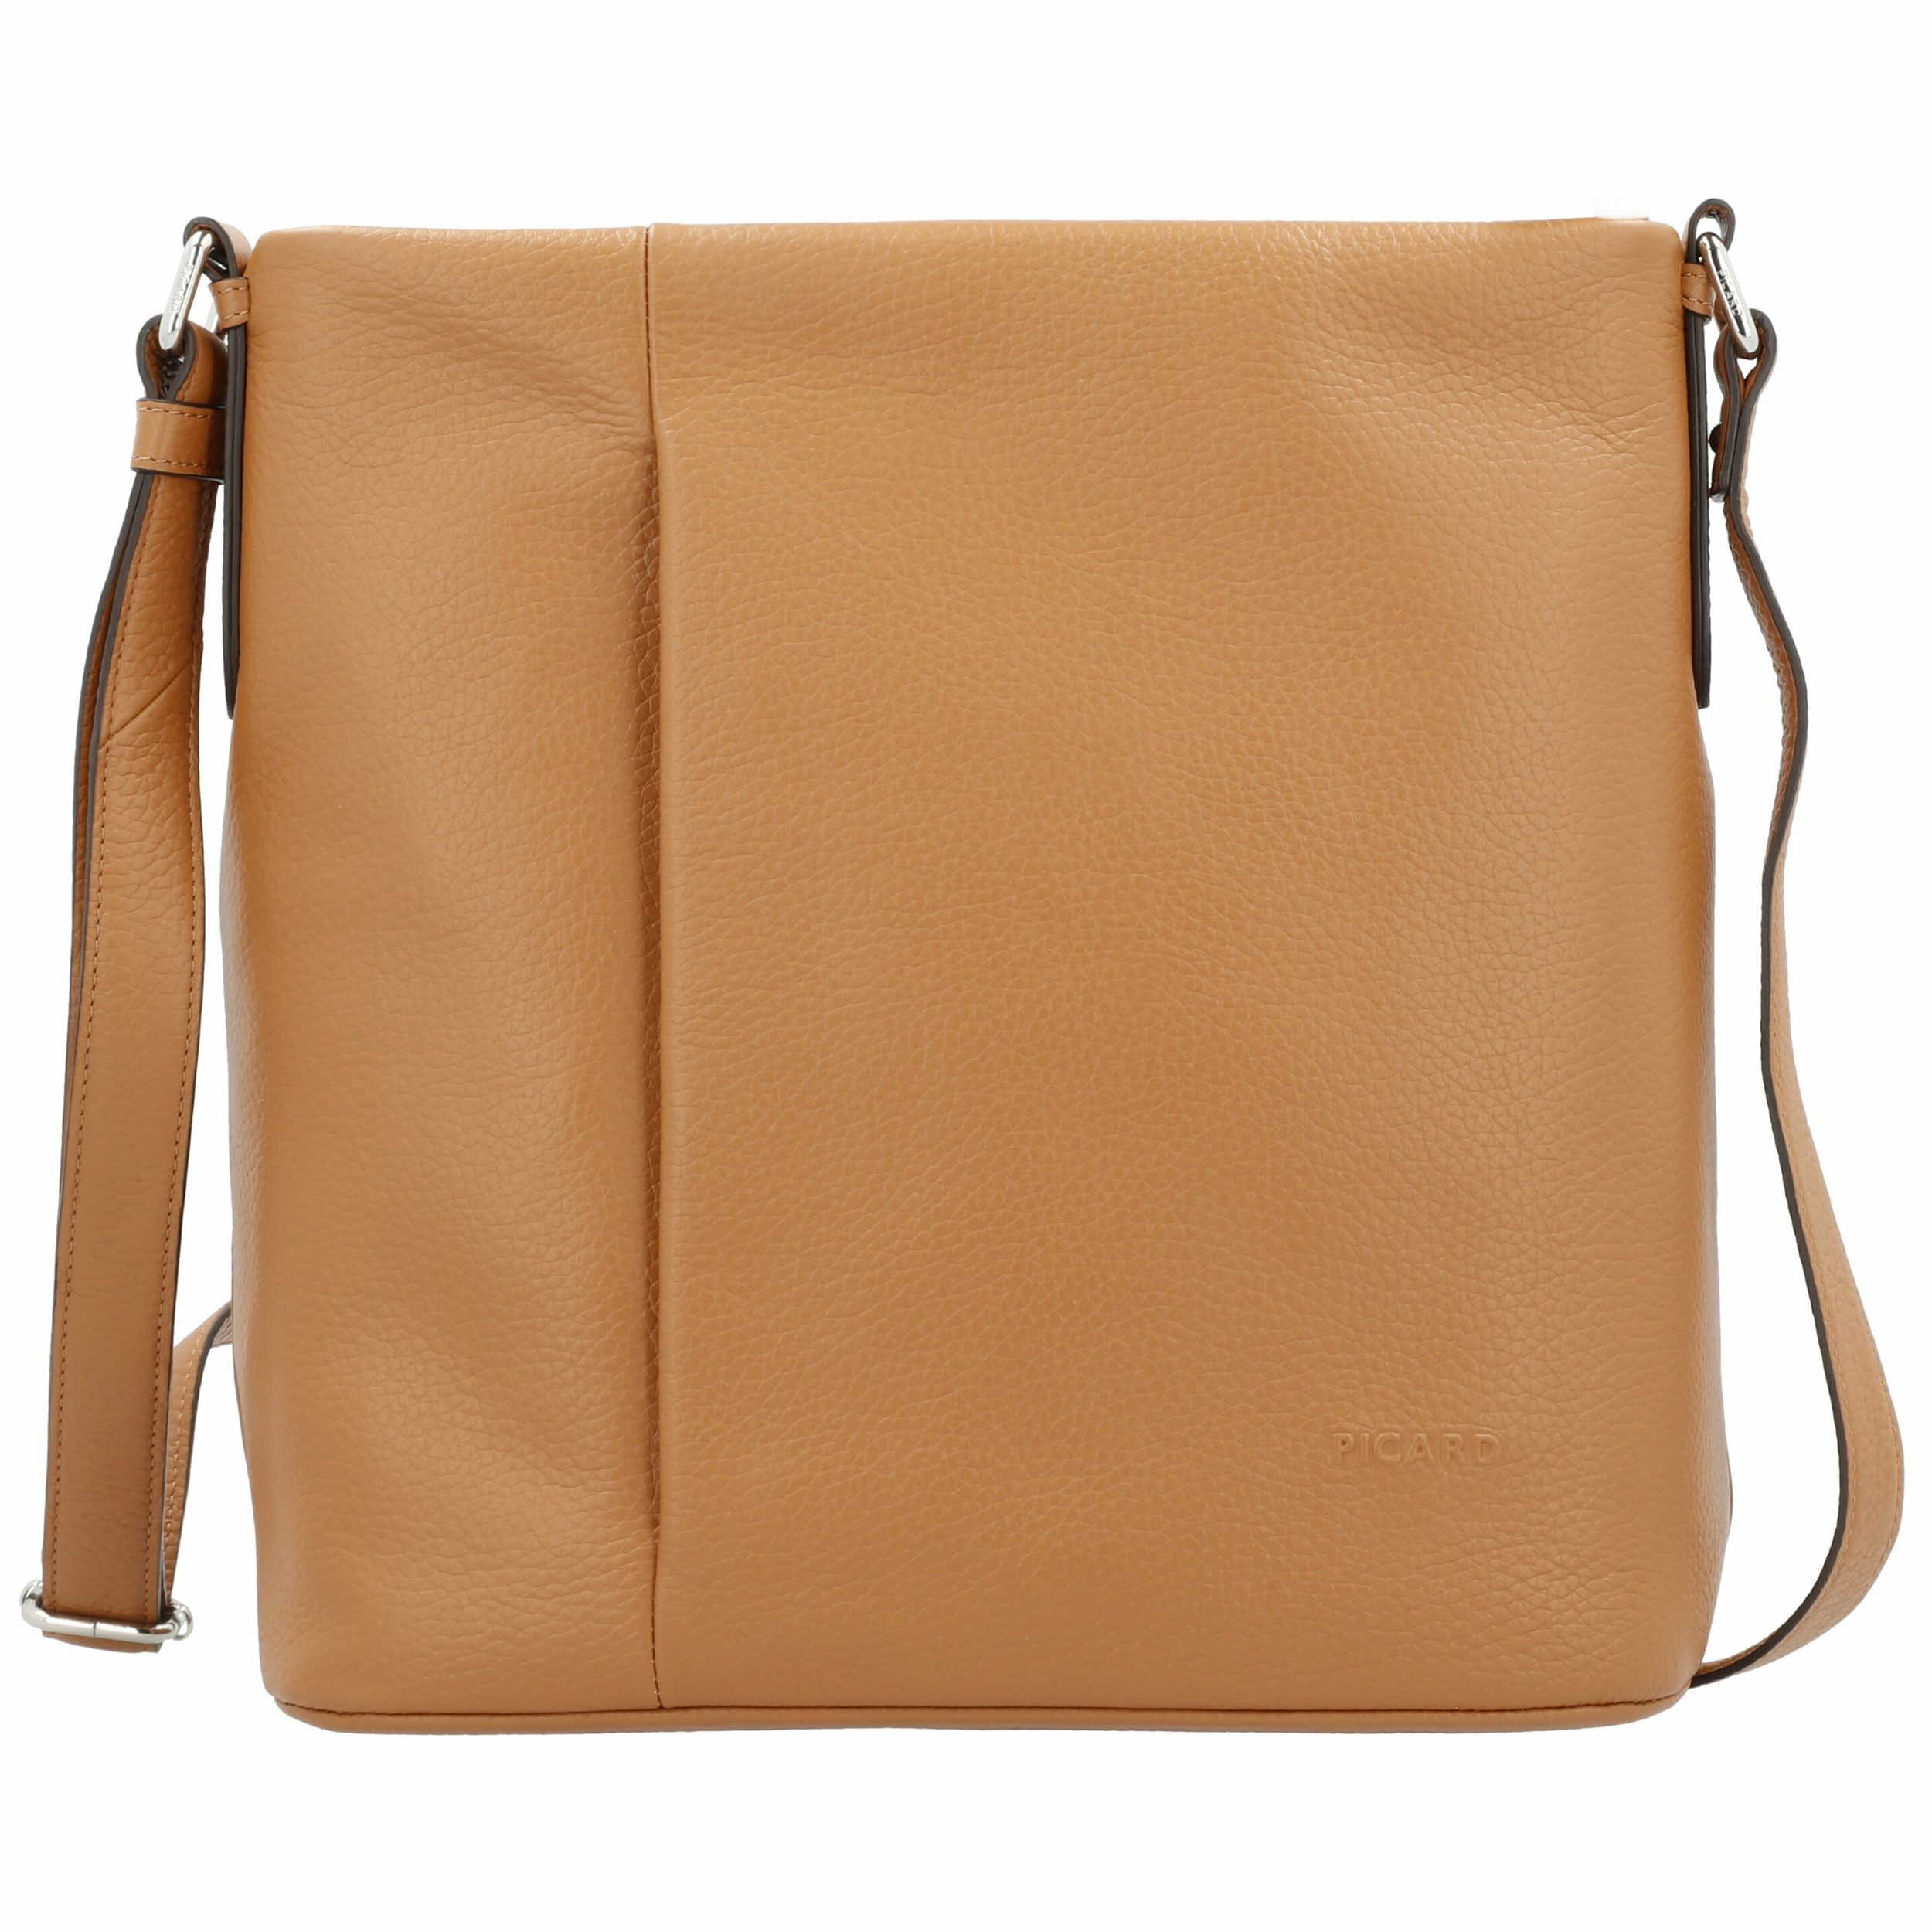 Picard Handtaschen Taschen 9427_COGNAC Braun eKbtf